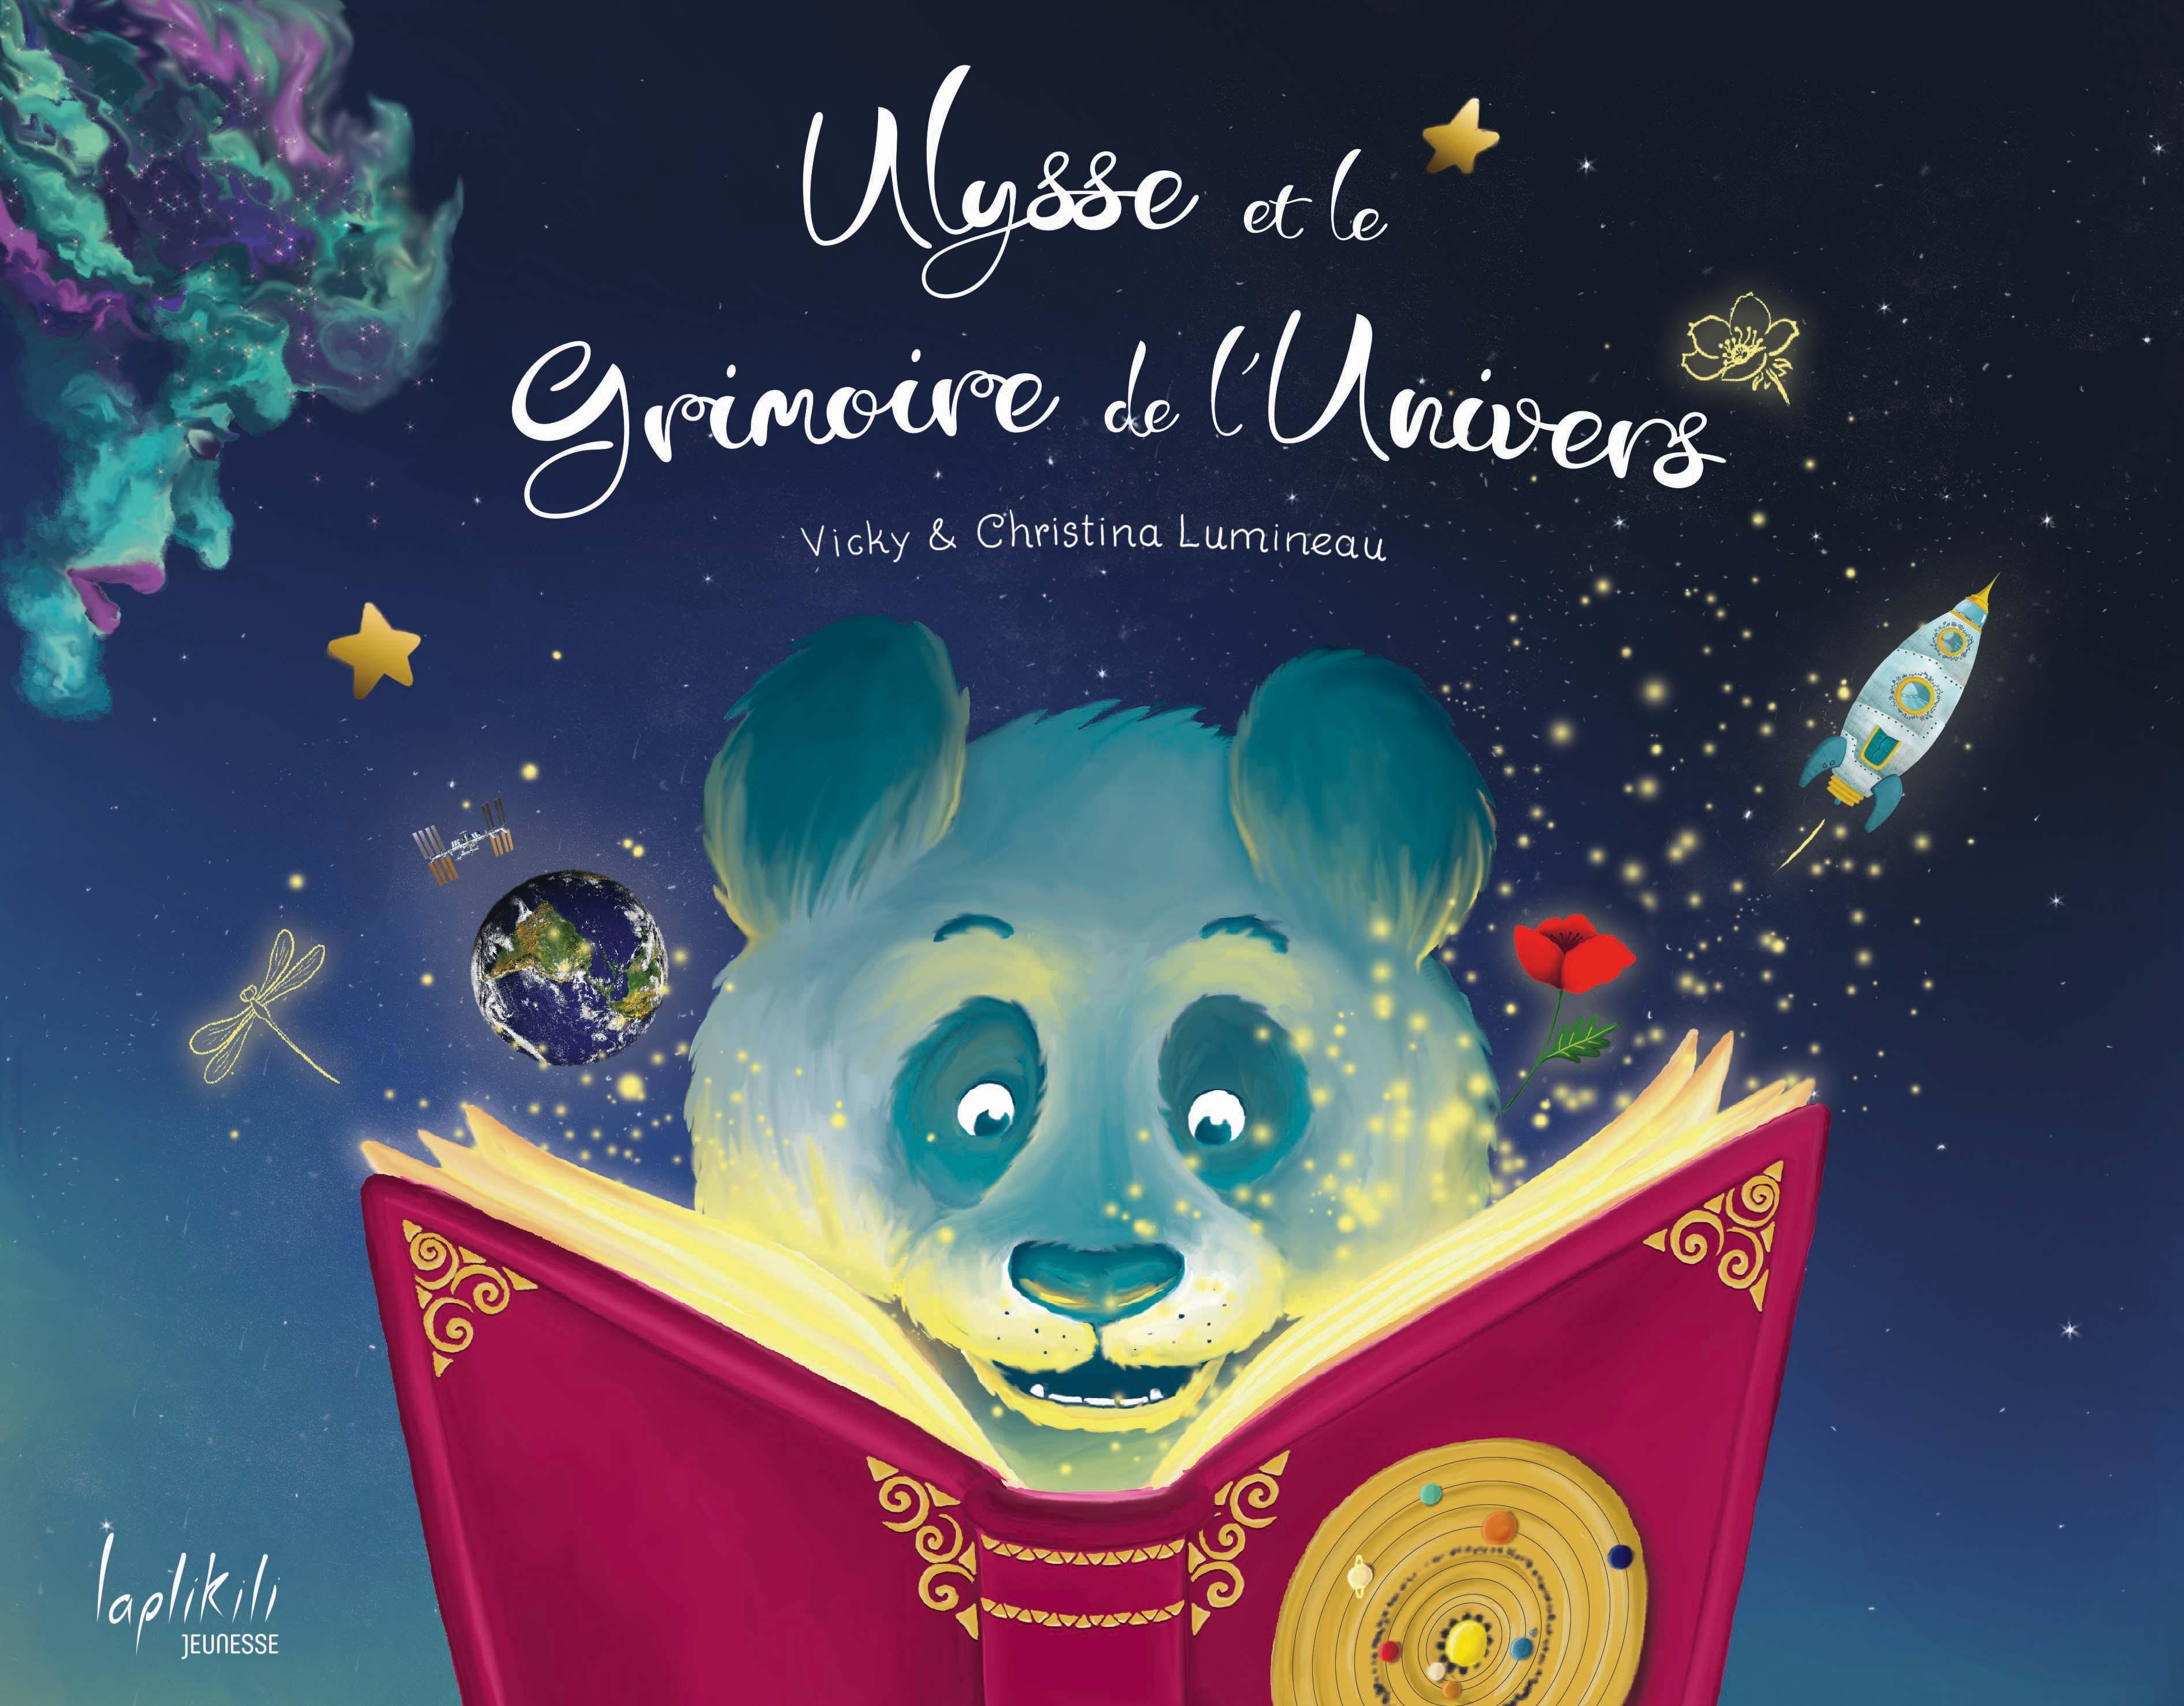 ULYSSE ET LE GRIMOIRE DE L'UNIVERS